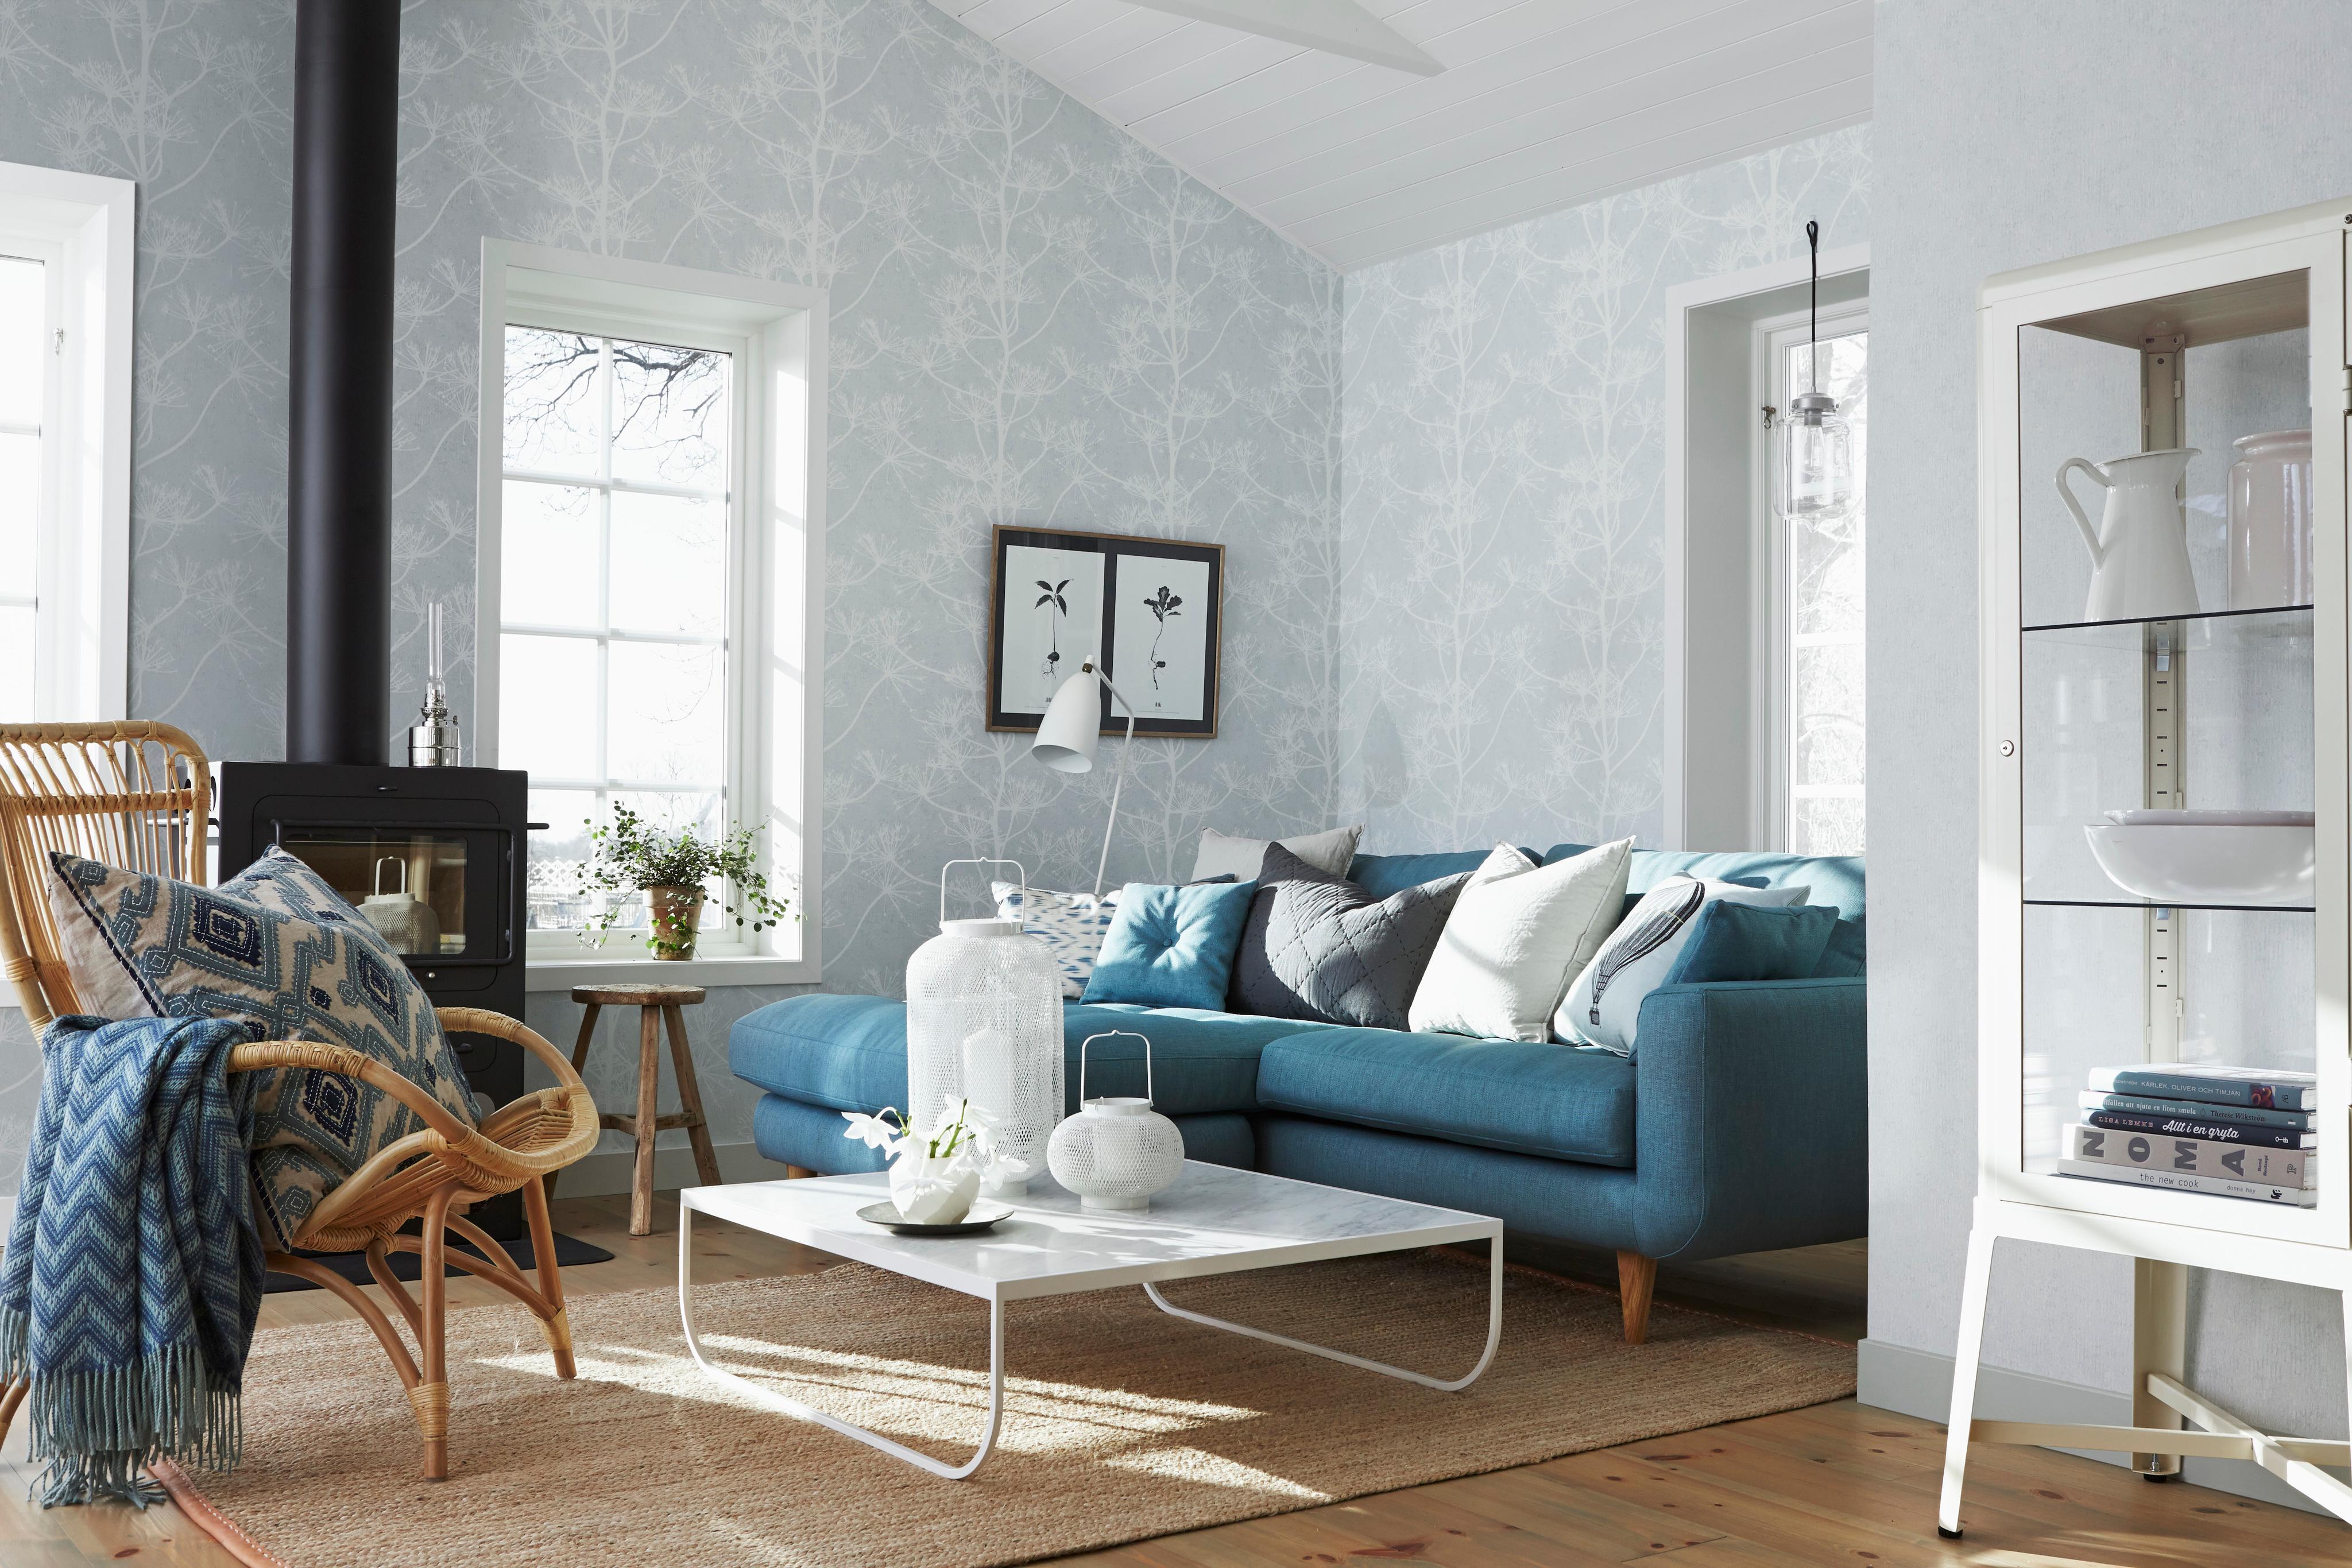 wei e vitrine bilder ideen couchstyle. Black Bedroom Furniture Sets. Home Design Ideas